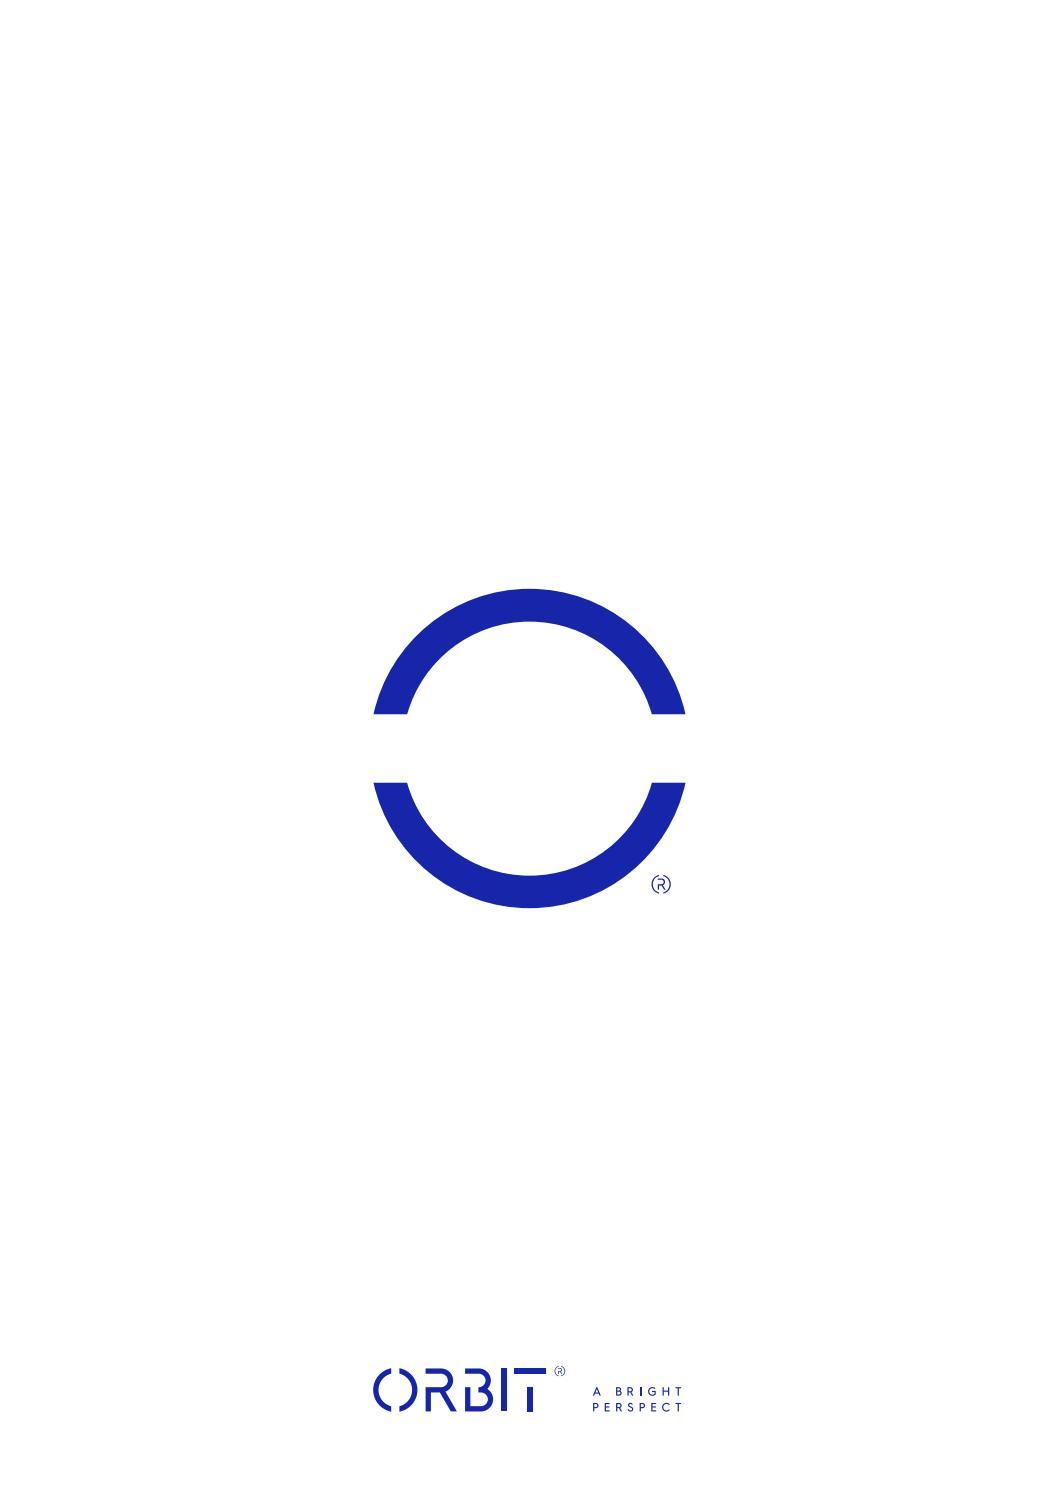 Orbit catalogue 12 2016 by Brink Licht - issuu